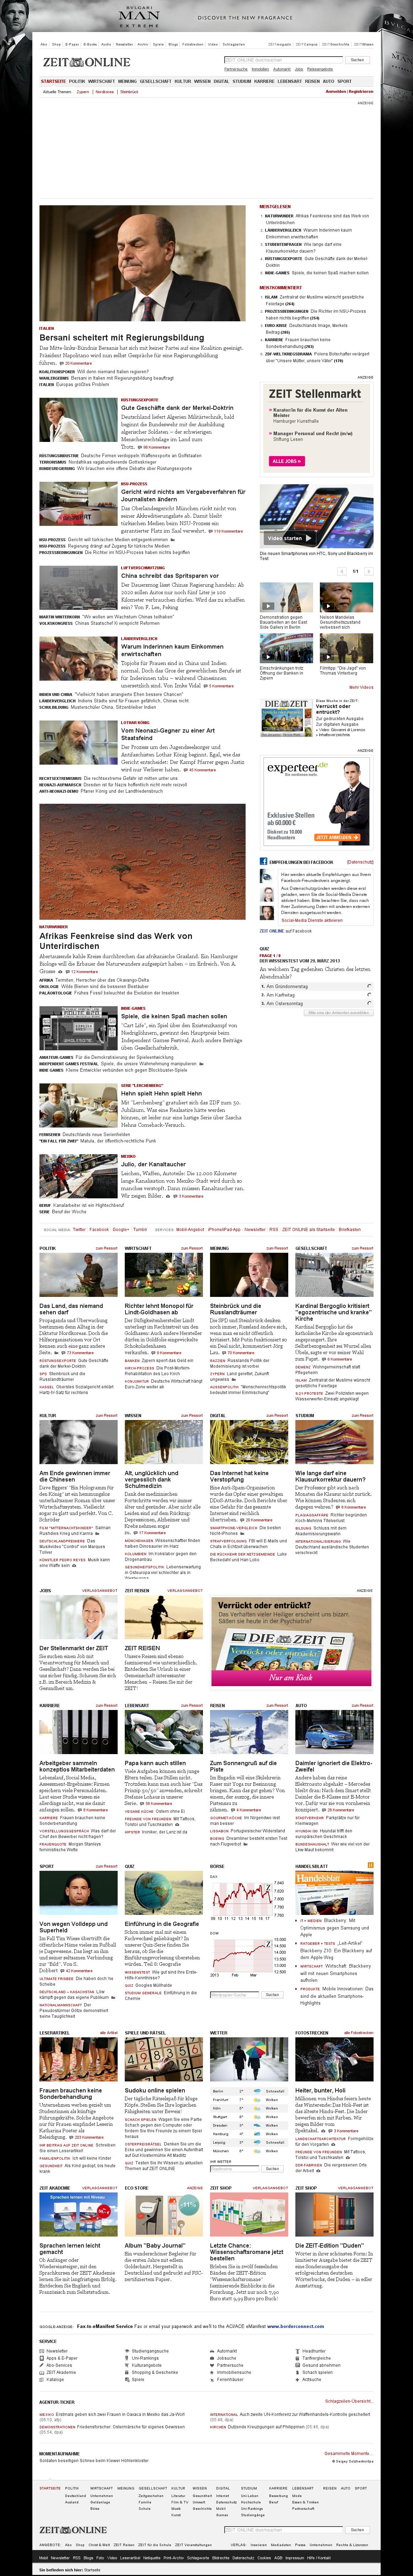 Zeit Online at Friday March 29, 2013, 5:27 a.m. UTC